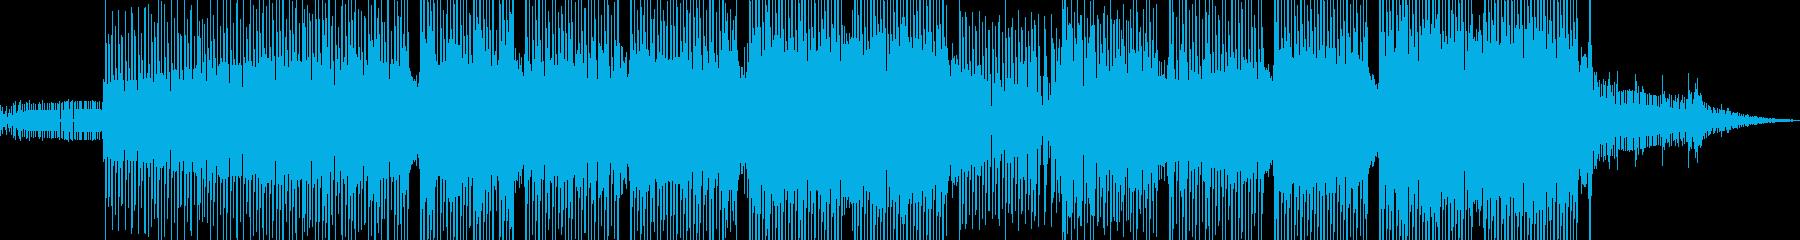 奇・化学実験シーンに溶け込むテクノの再生済みの波形